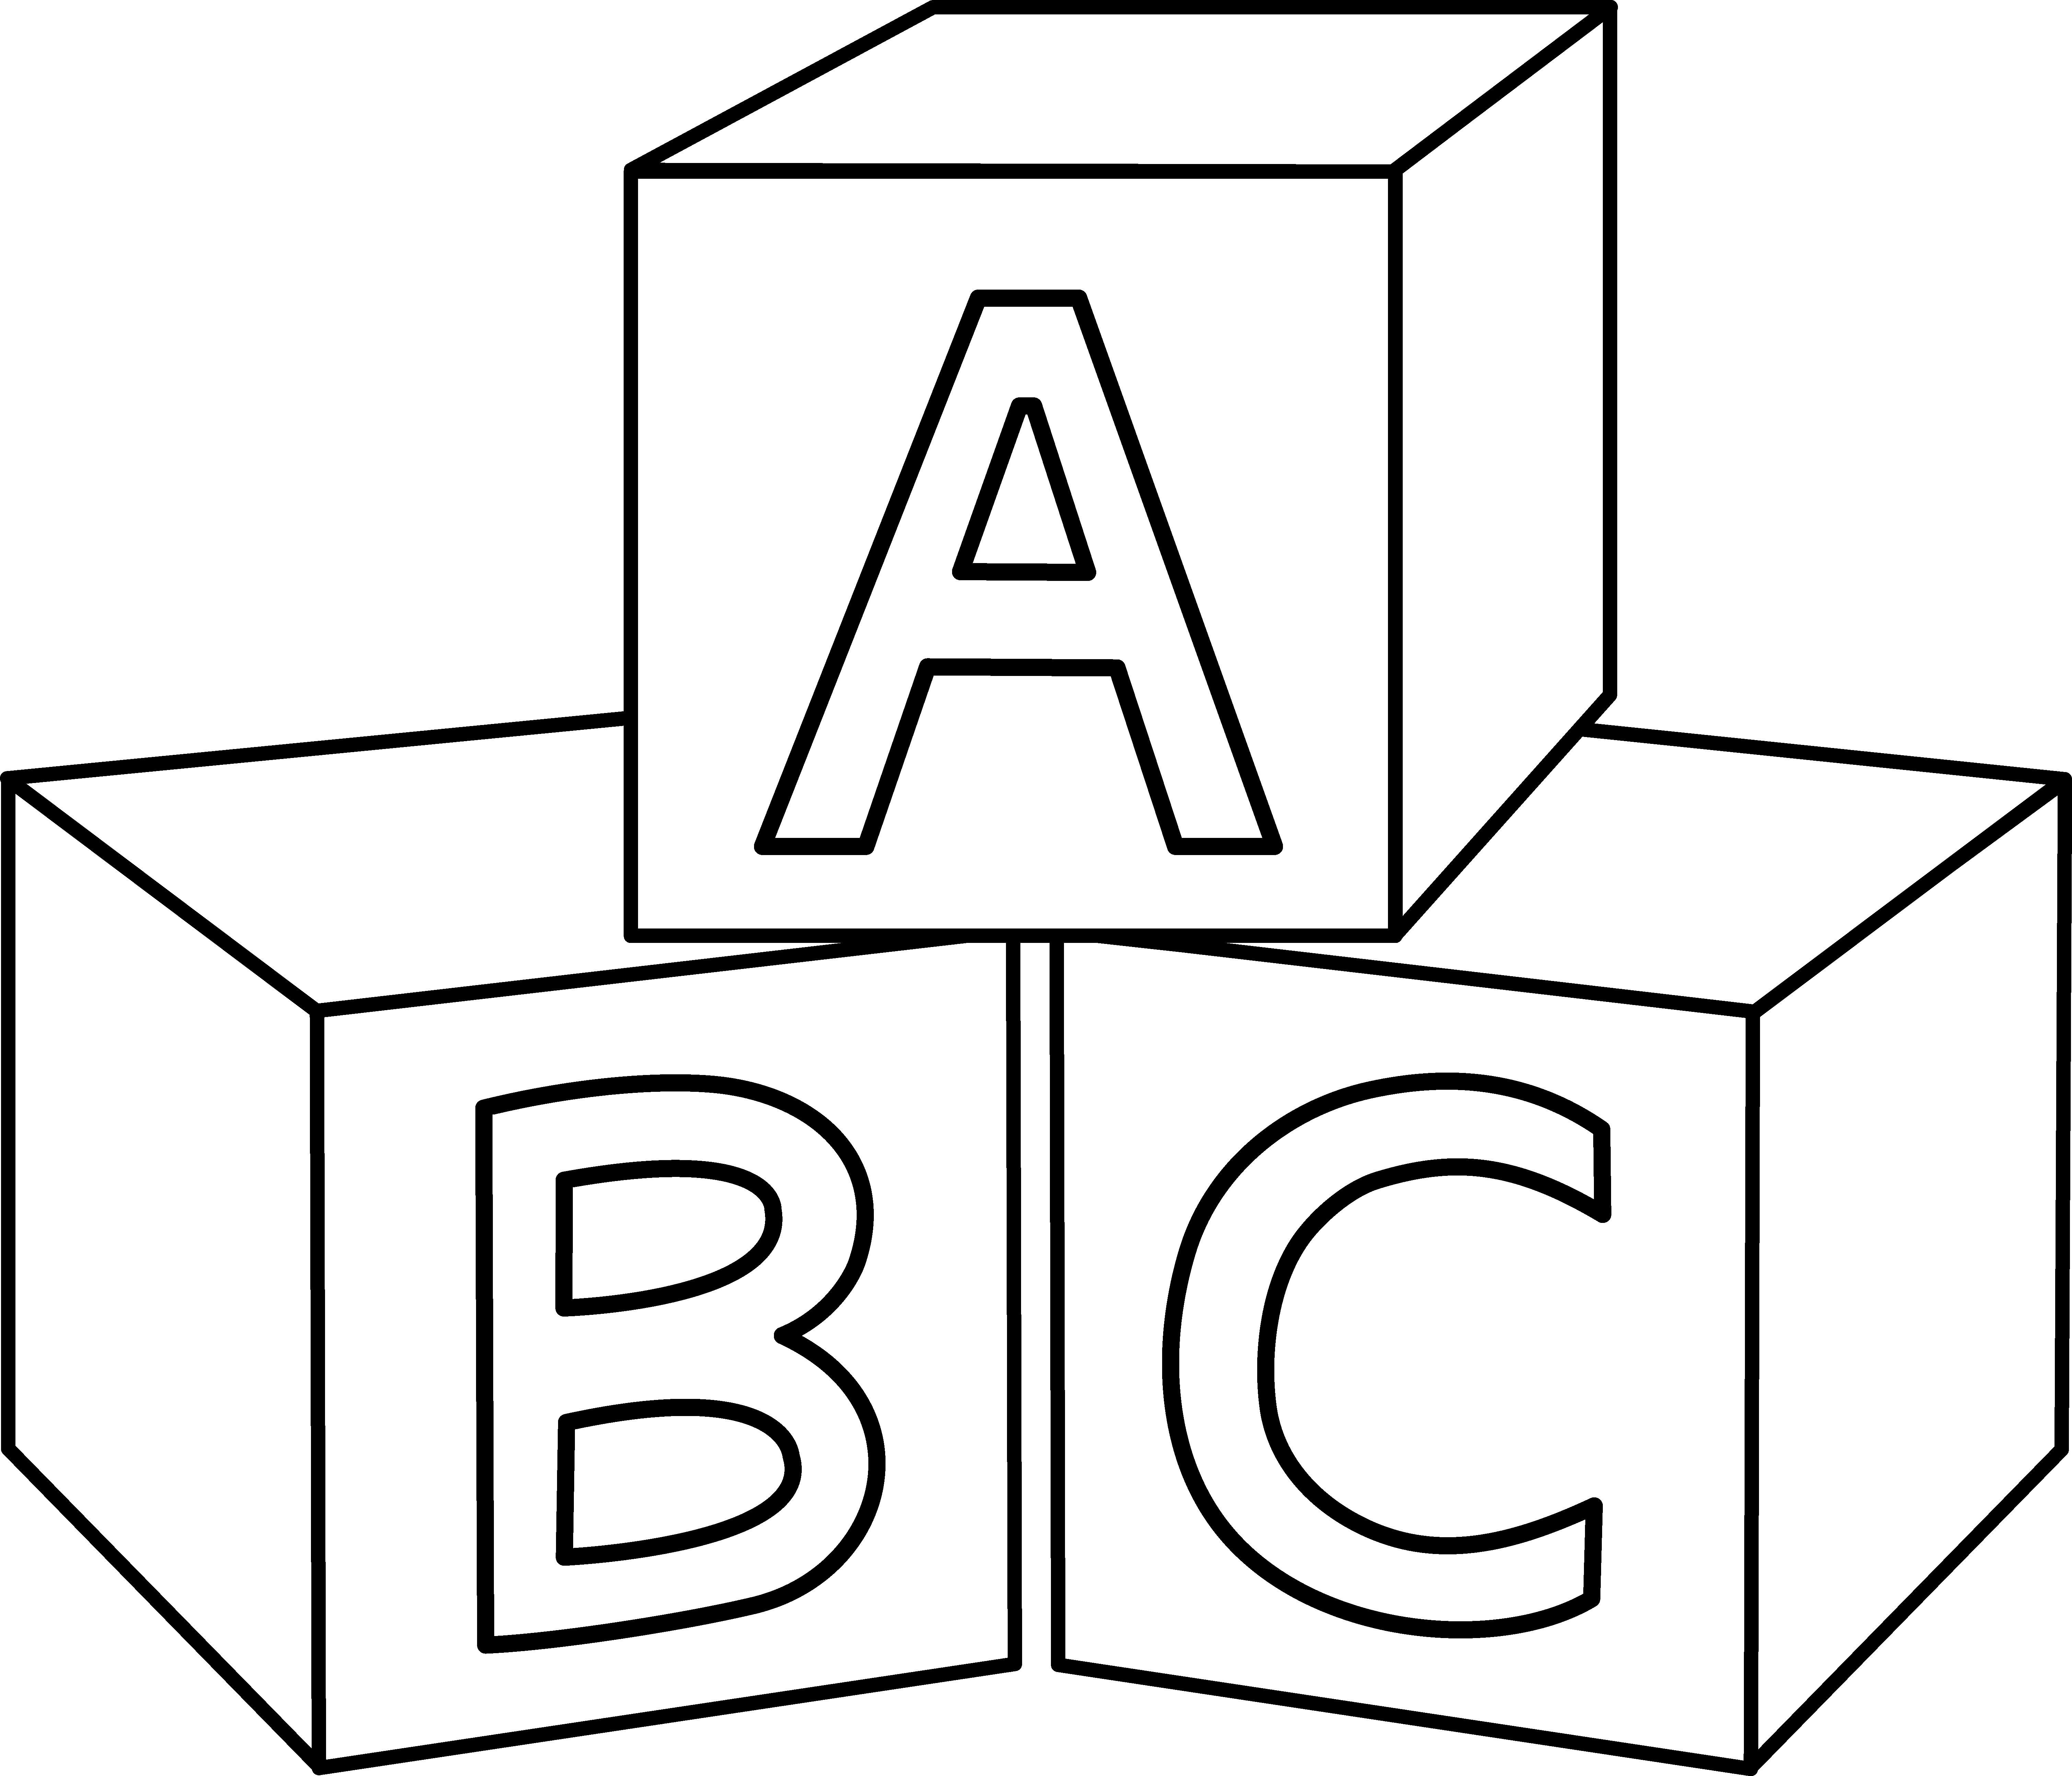 Abc blocks coloring page. Infant clipart alphabet block